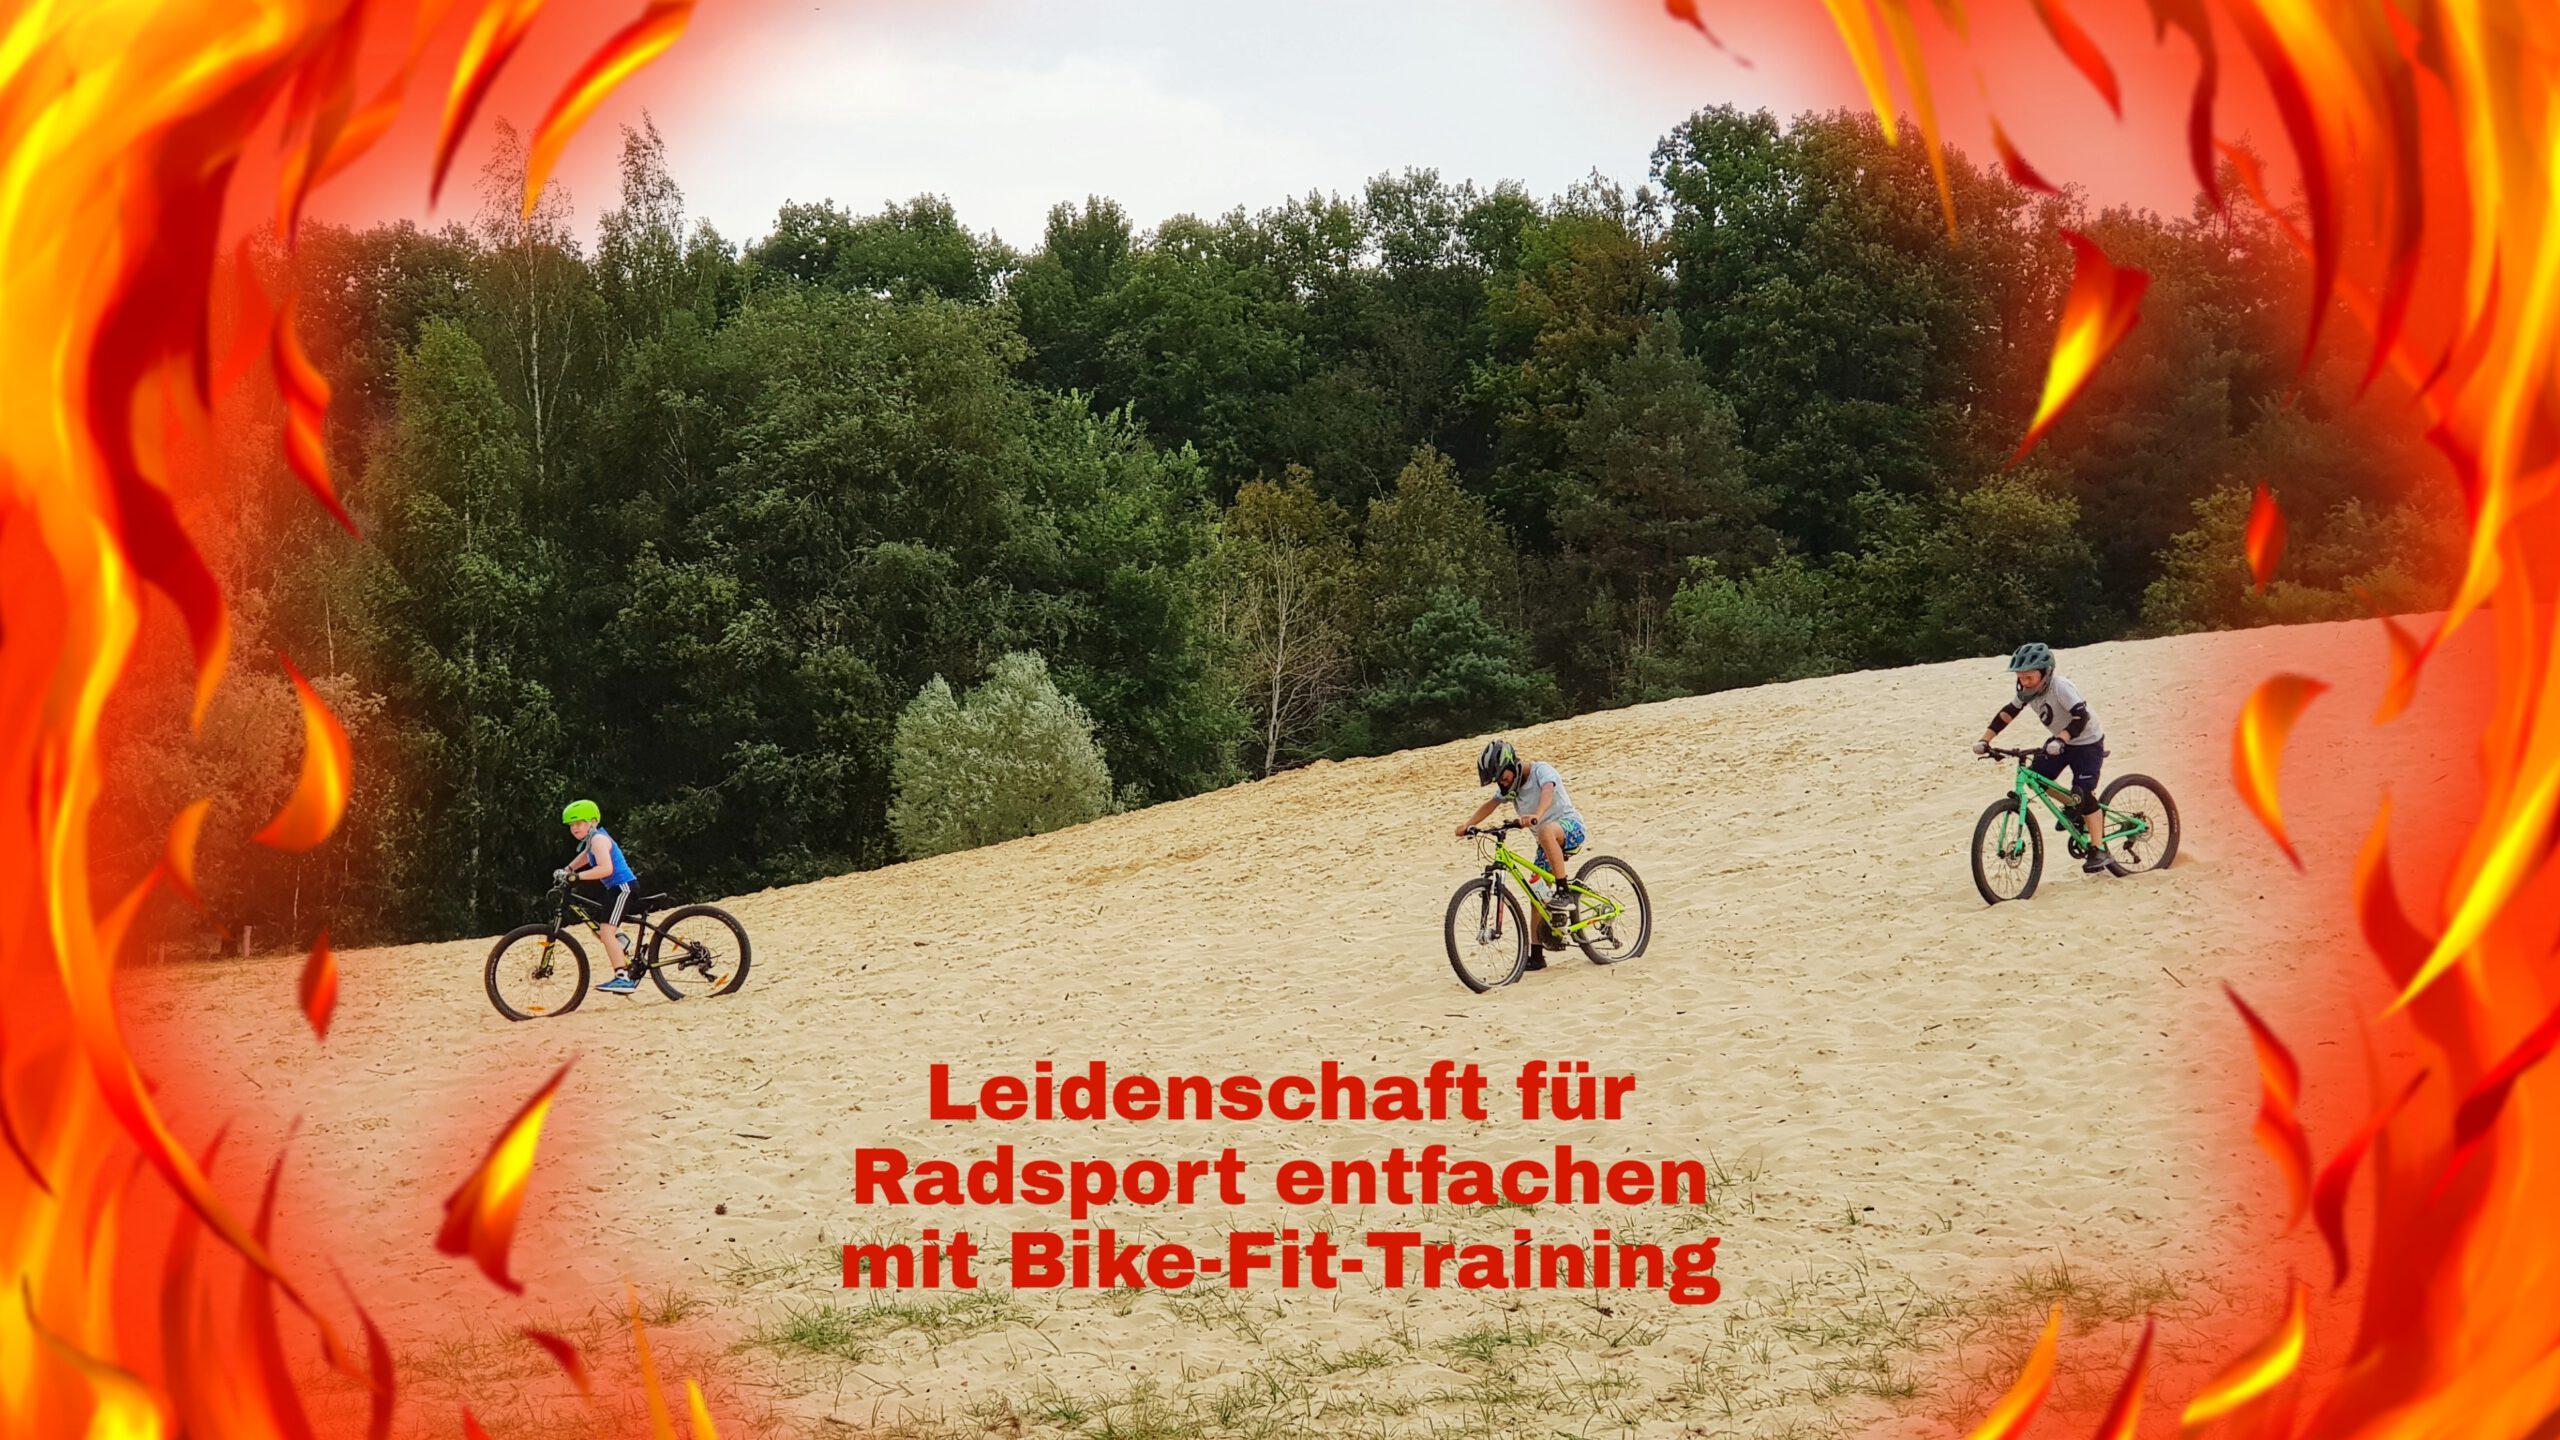 Biking Kids Bike-Fit-Training Feuer der Leidenschaft für Radfahren entfachen